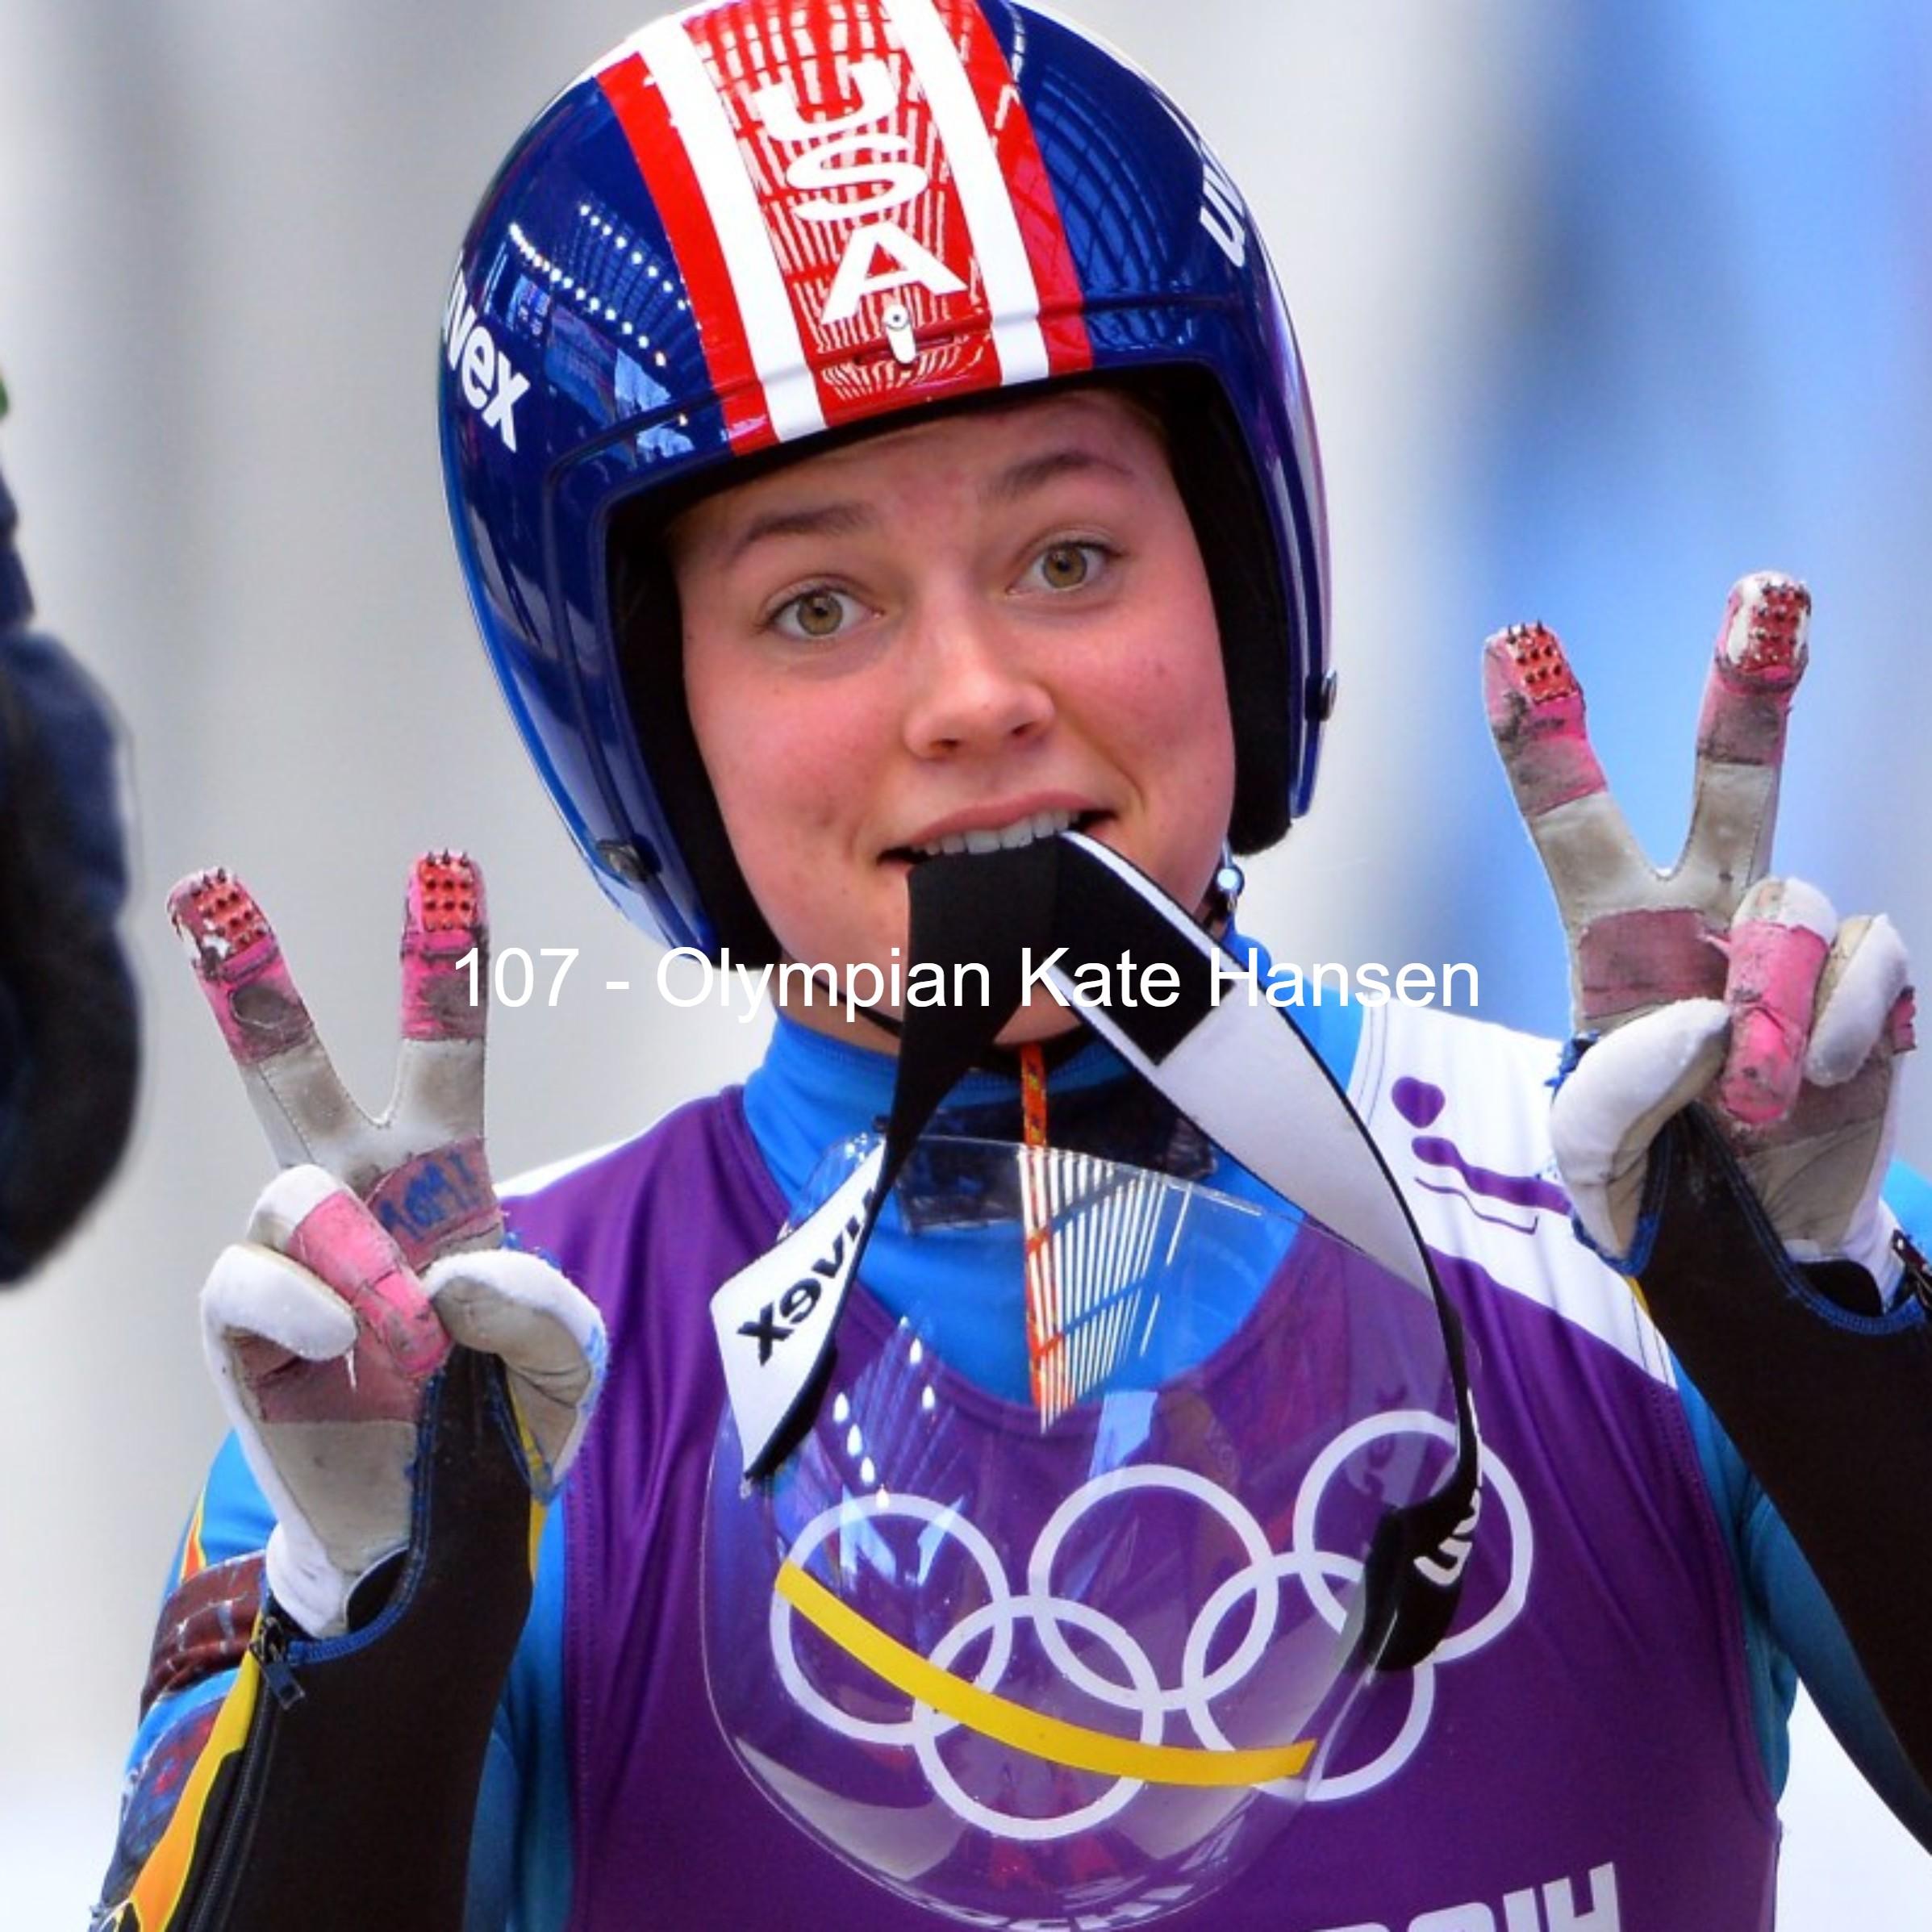 107 – Olympian Kate Hansen